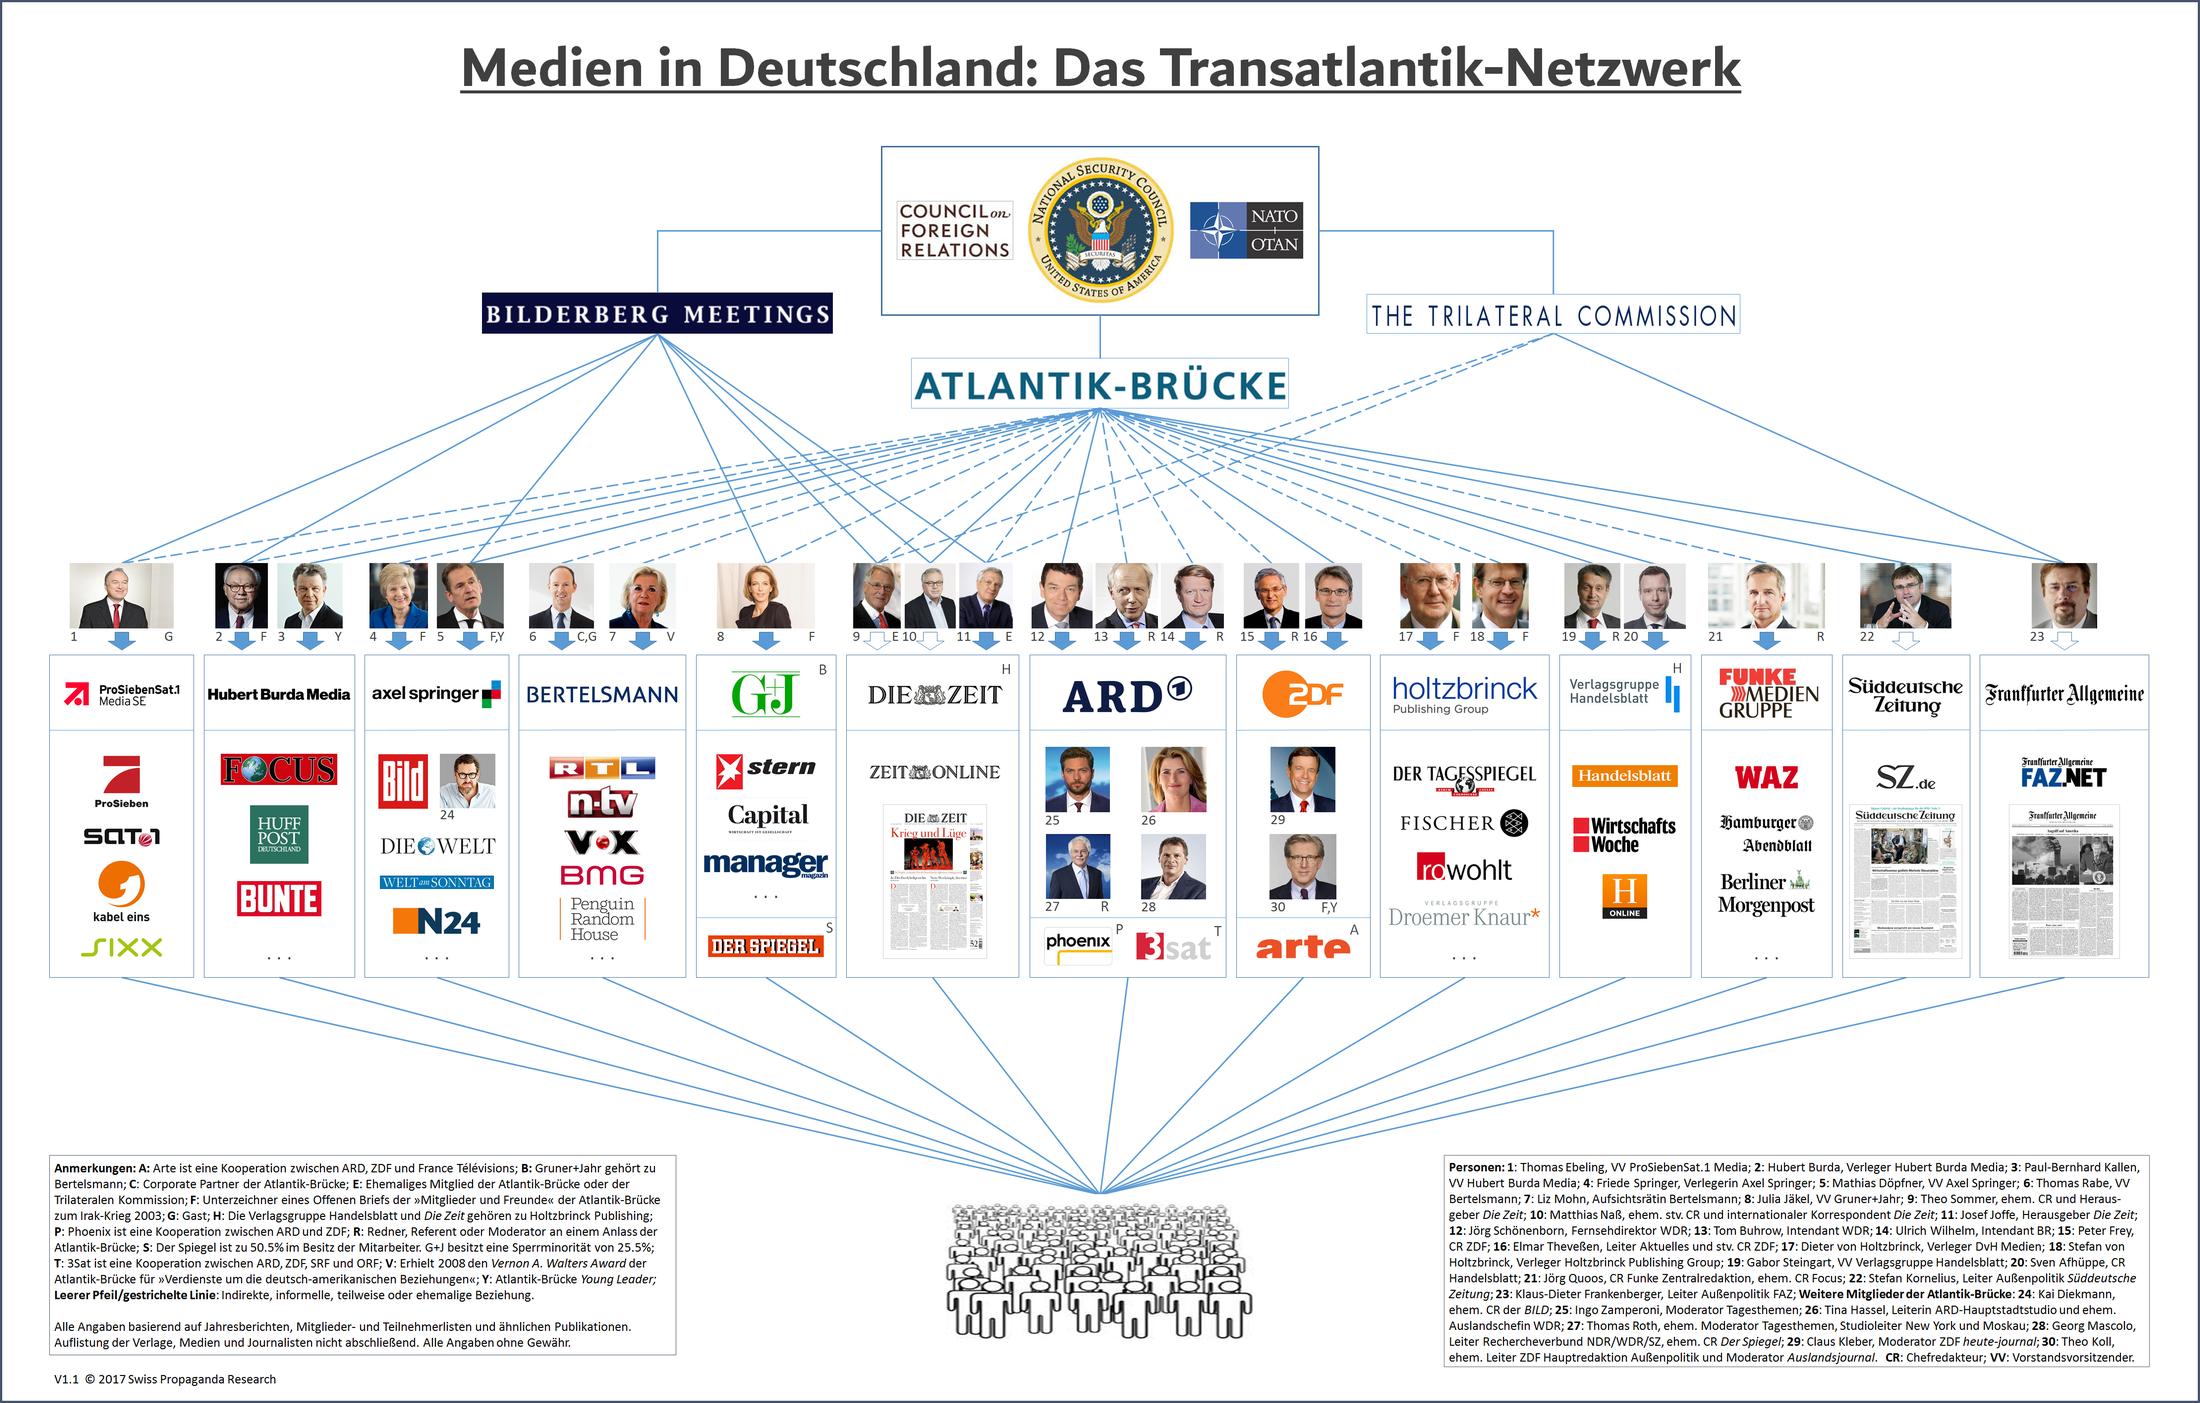 netzwerk-medien-deutschland-spr-mt.png